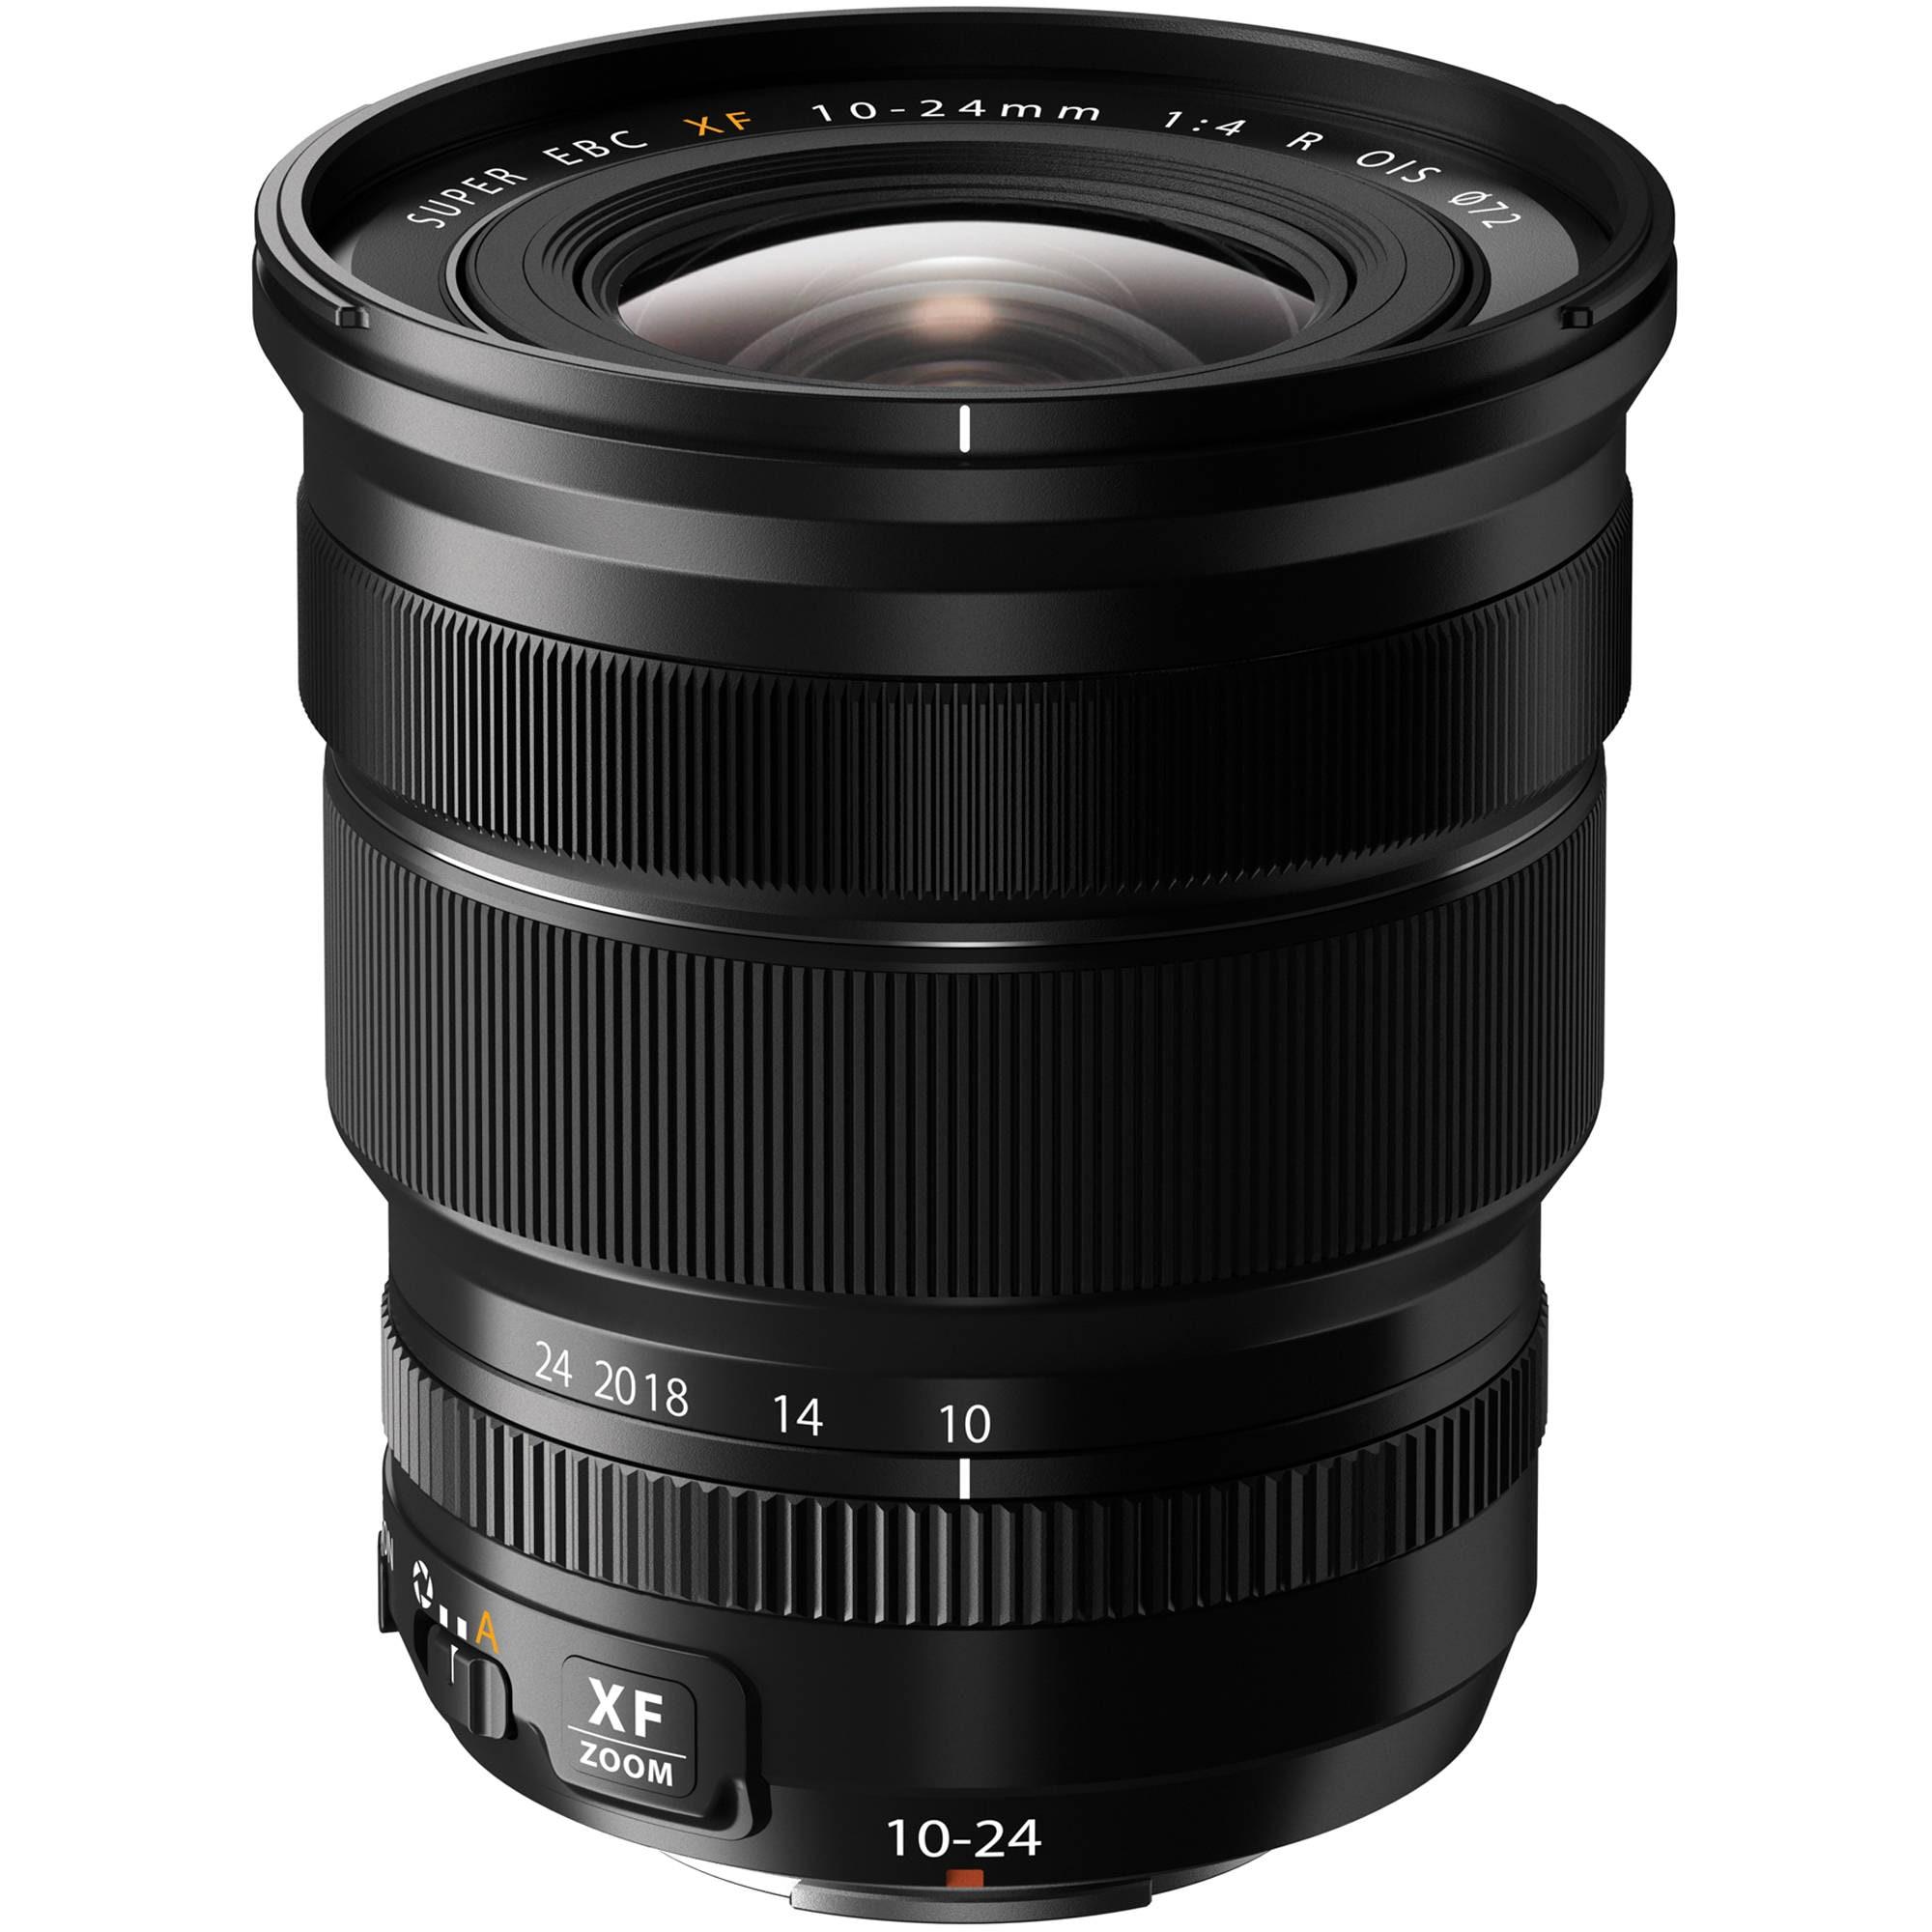 Fujifilm Fujinon XF 10-24mm f/4,0 R